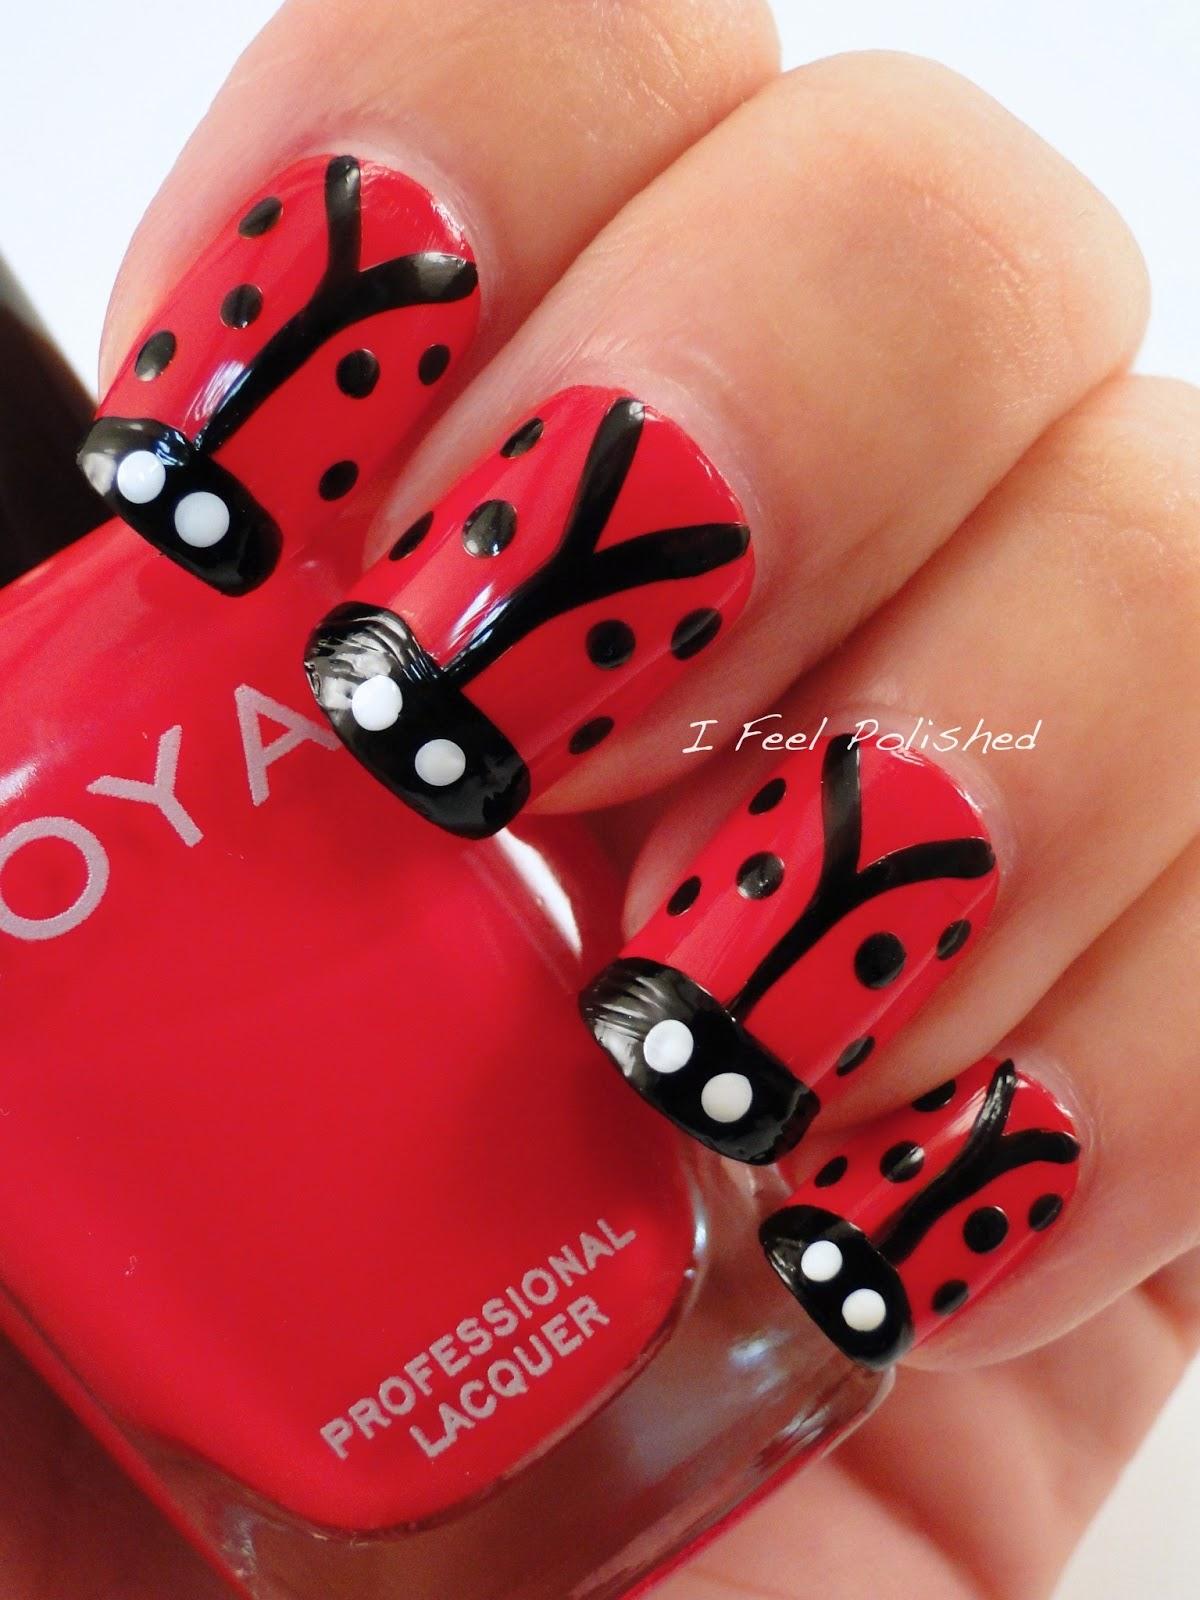 I Feel Polished!: Ladybug Nails